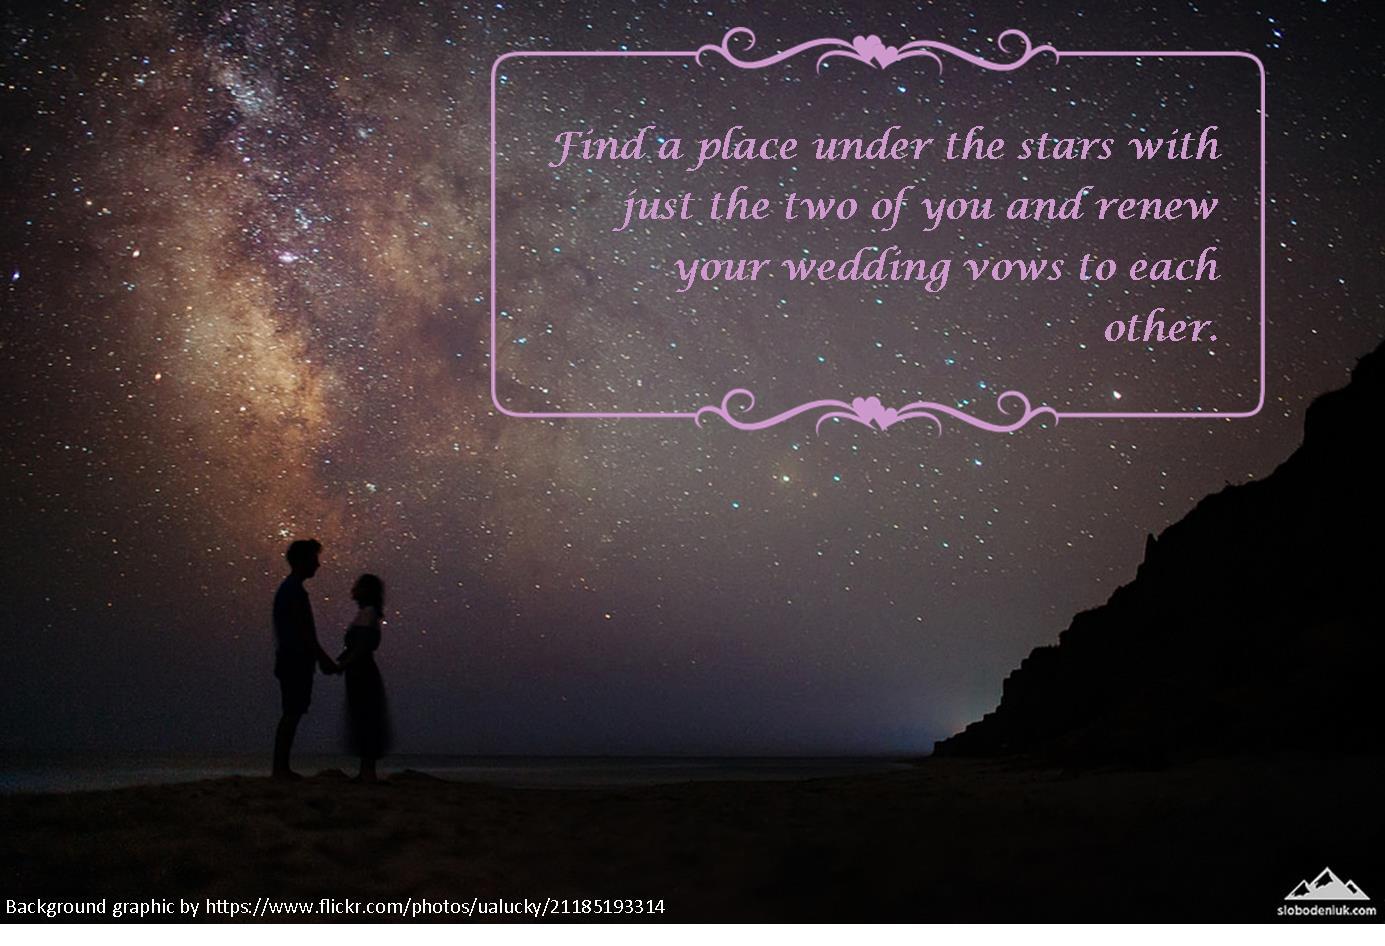 001 Renew vows